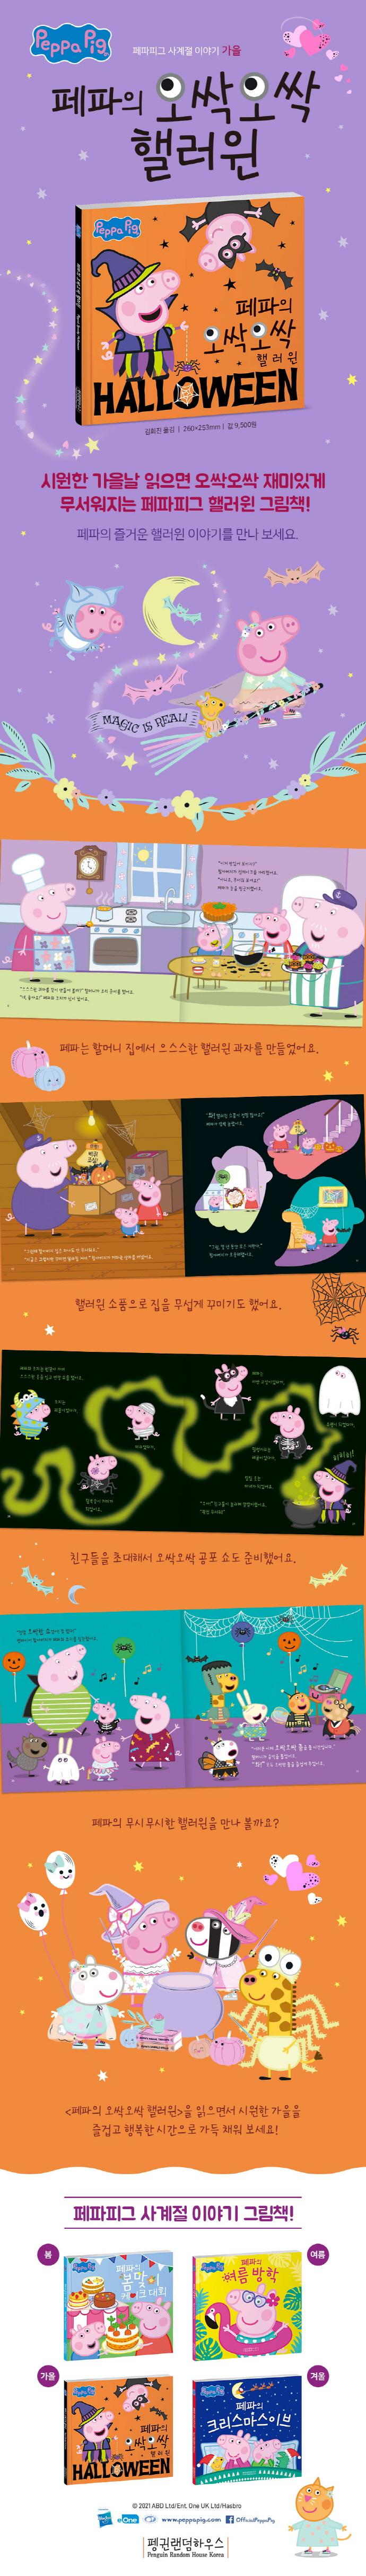 페파의 오싹오싹 핼러윈(페파피그 사계절 이야기)(양장본 HardCover) 도서 상세이미지